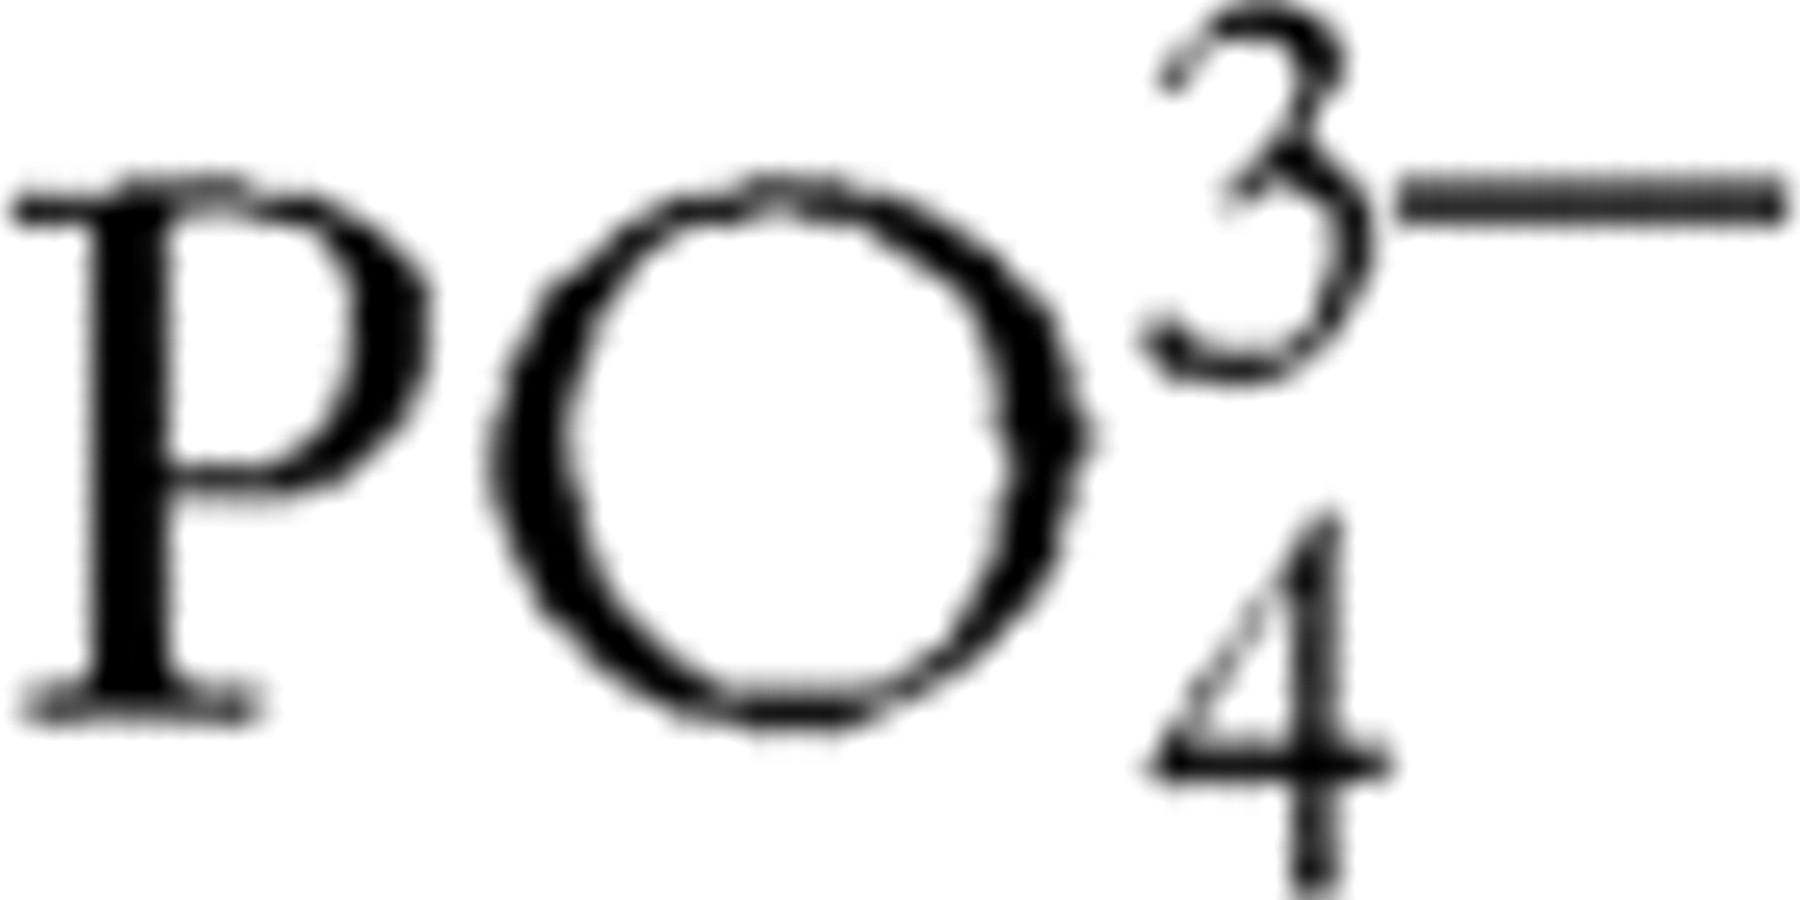 Impact of 4-methylbenzylidene camphor, daidzein, and